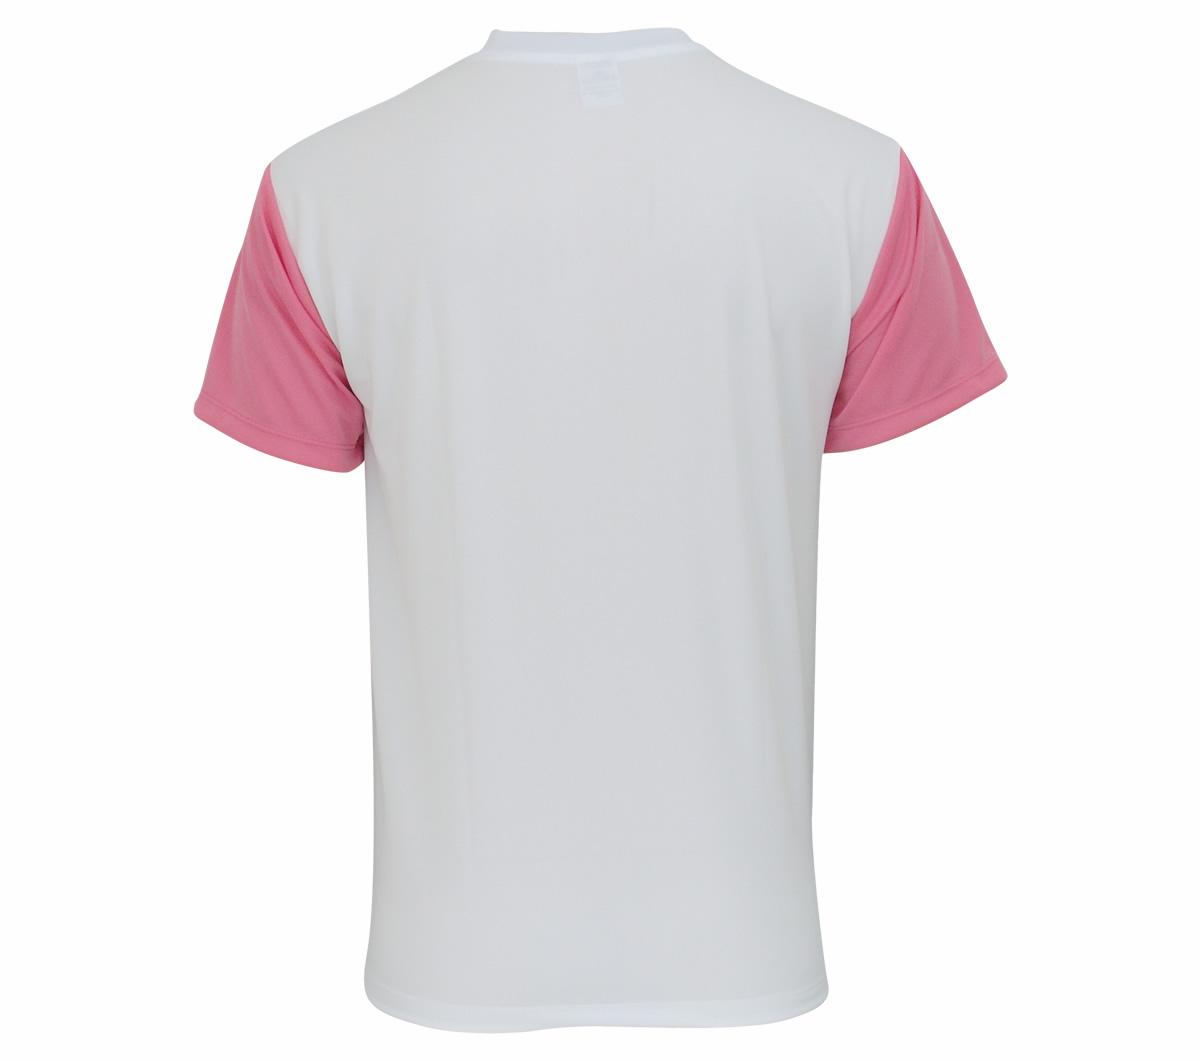 Camisa Super Bolla Pop Lisa Branca e Rosa